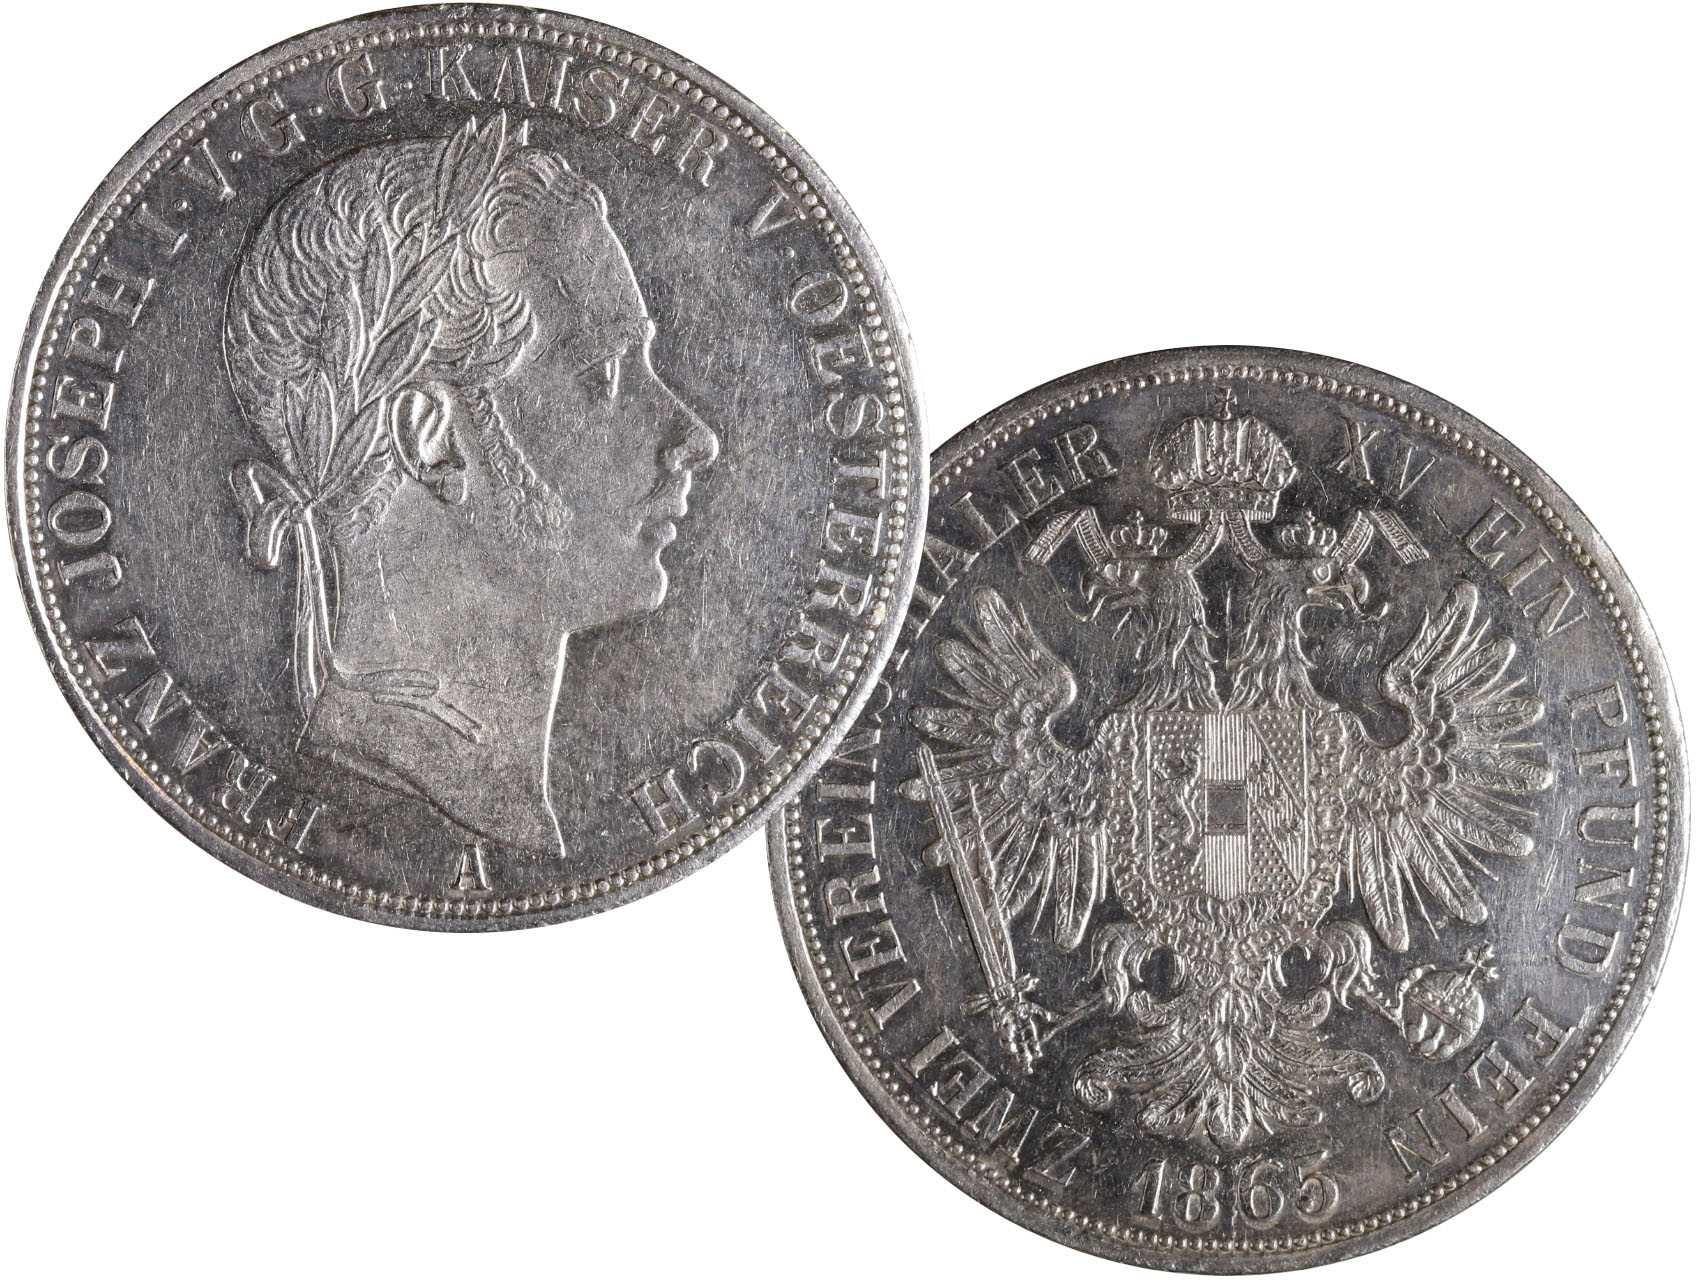 František Josef I. 1848-1916 - Spolkový dvoutolar 1865 A, raženo 7425 ks. N56